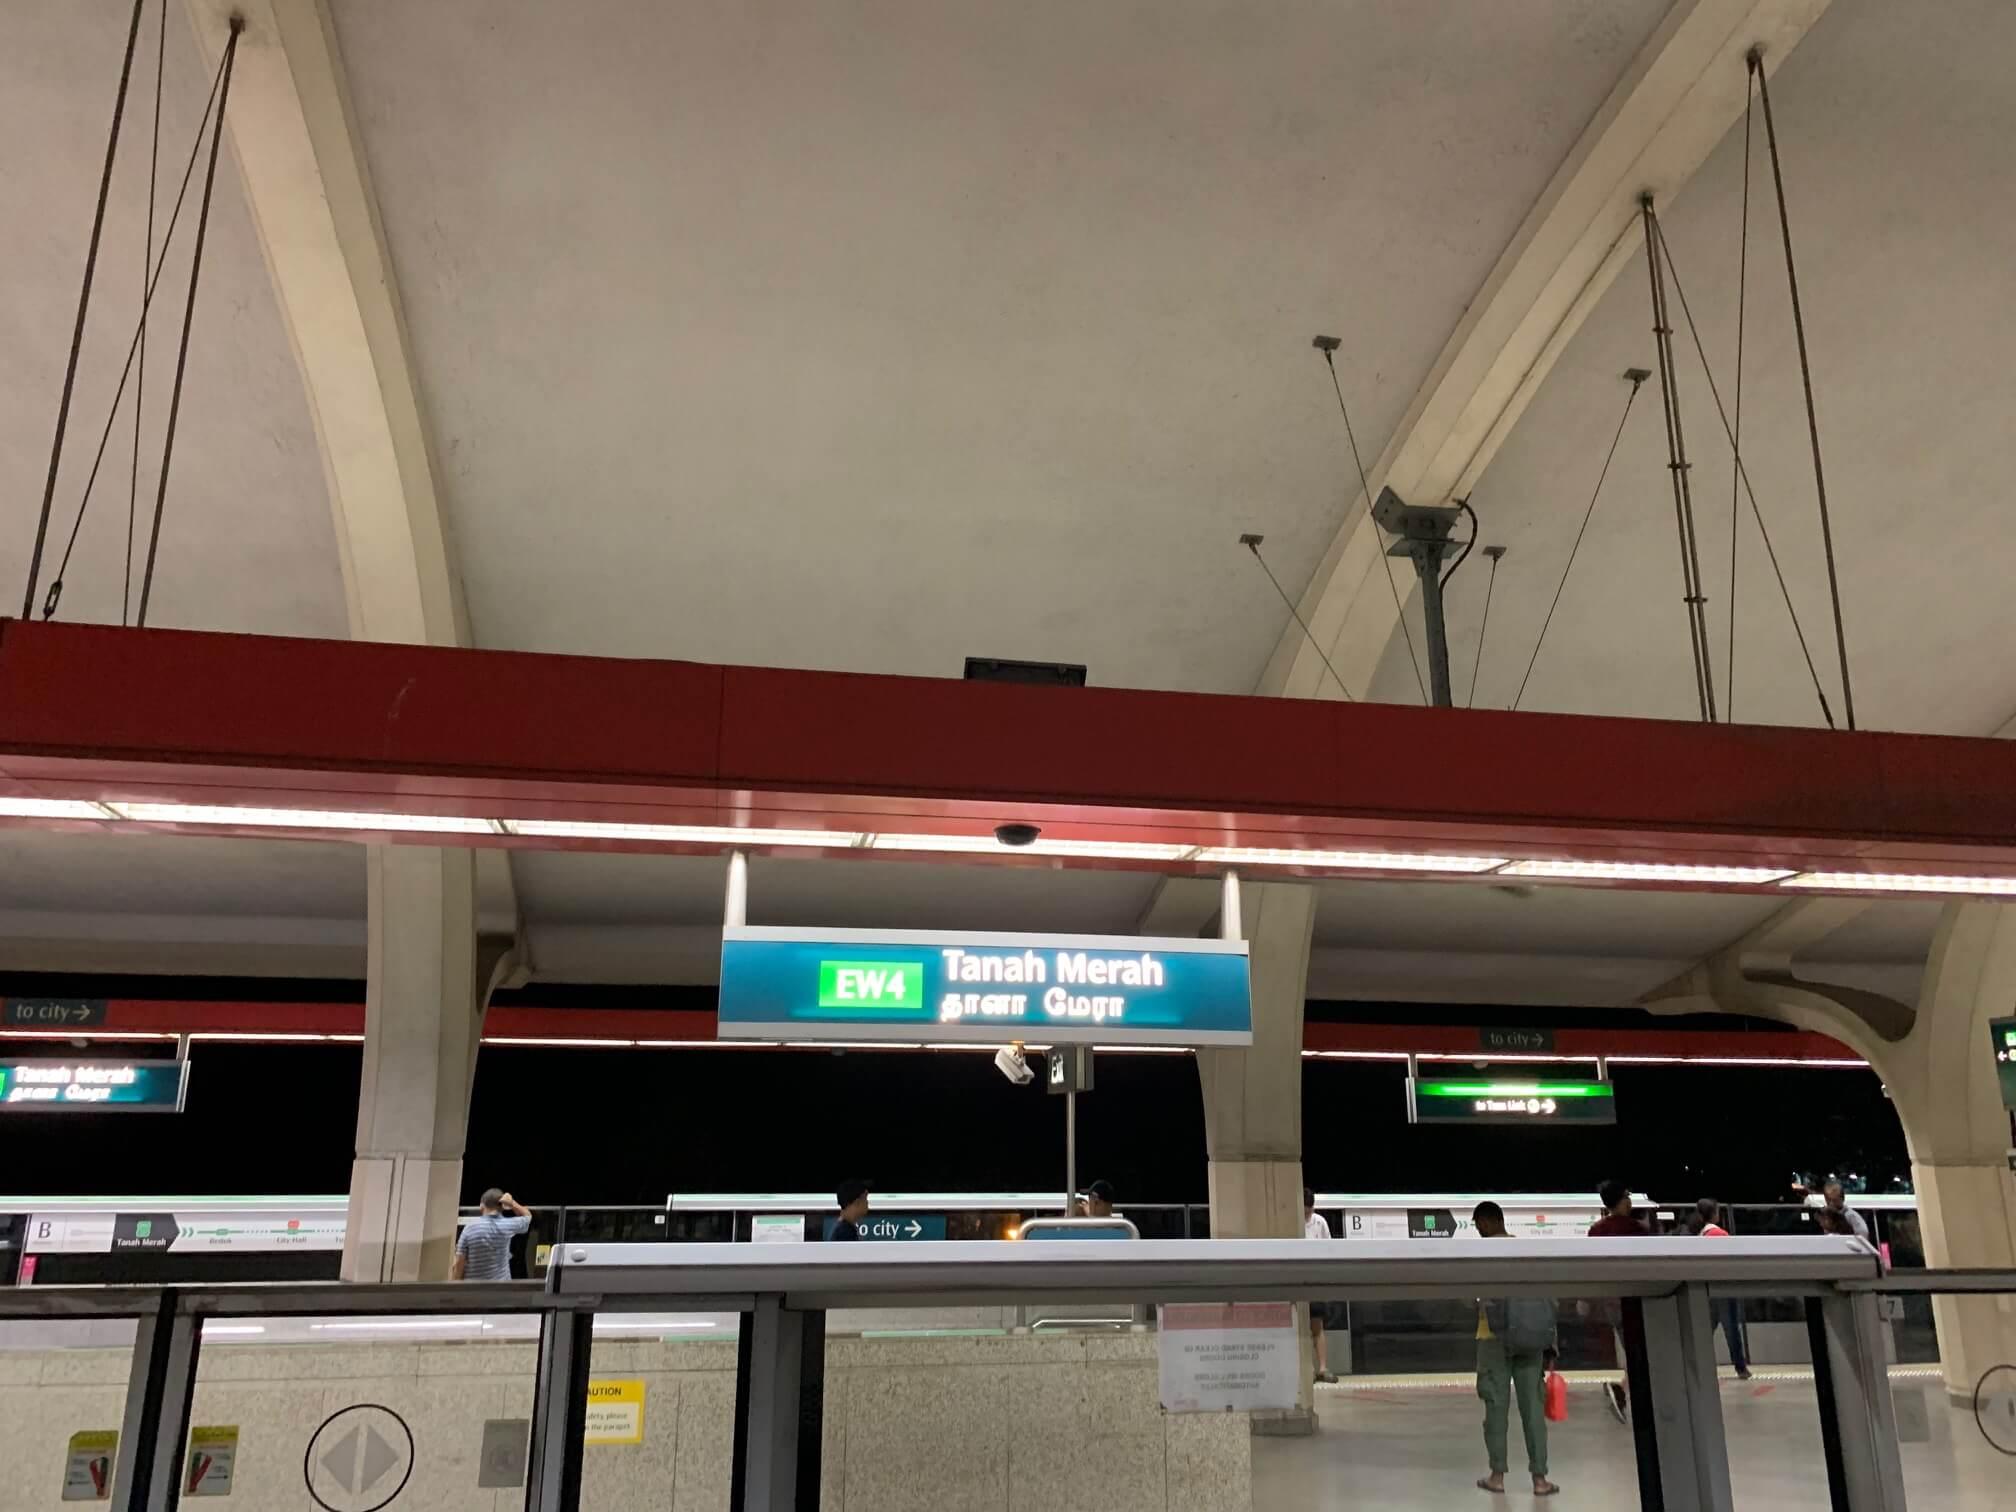 タナメラ駅